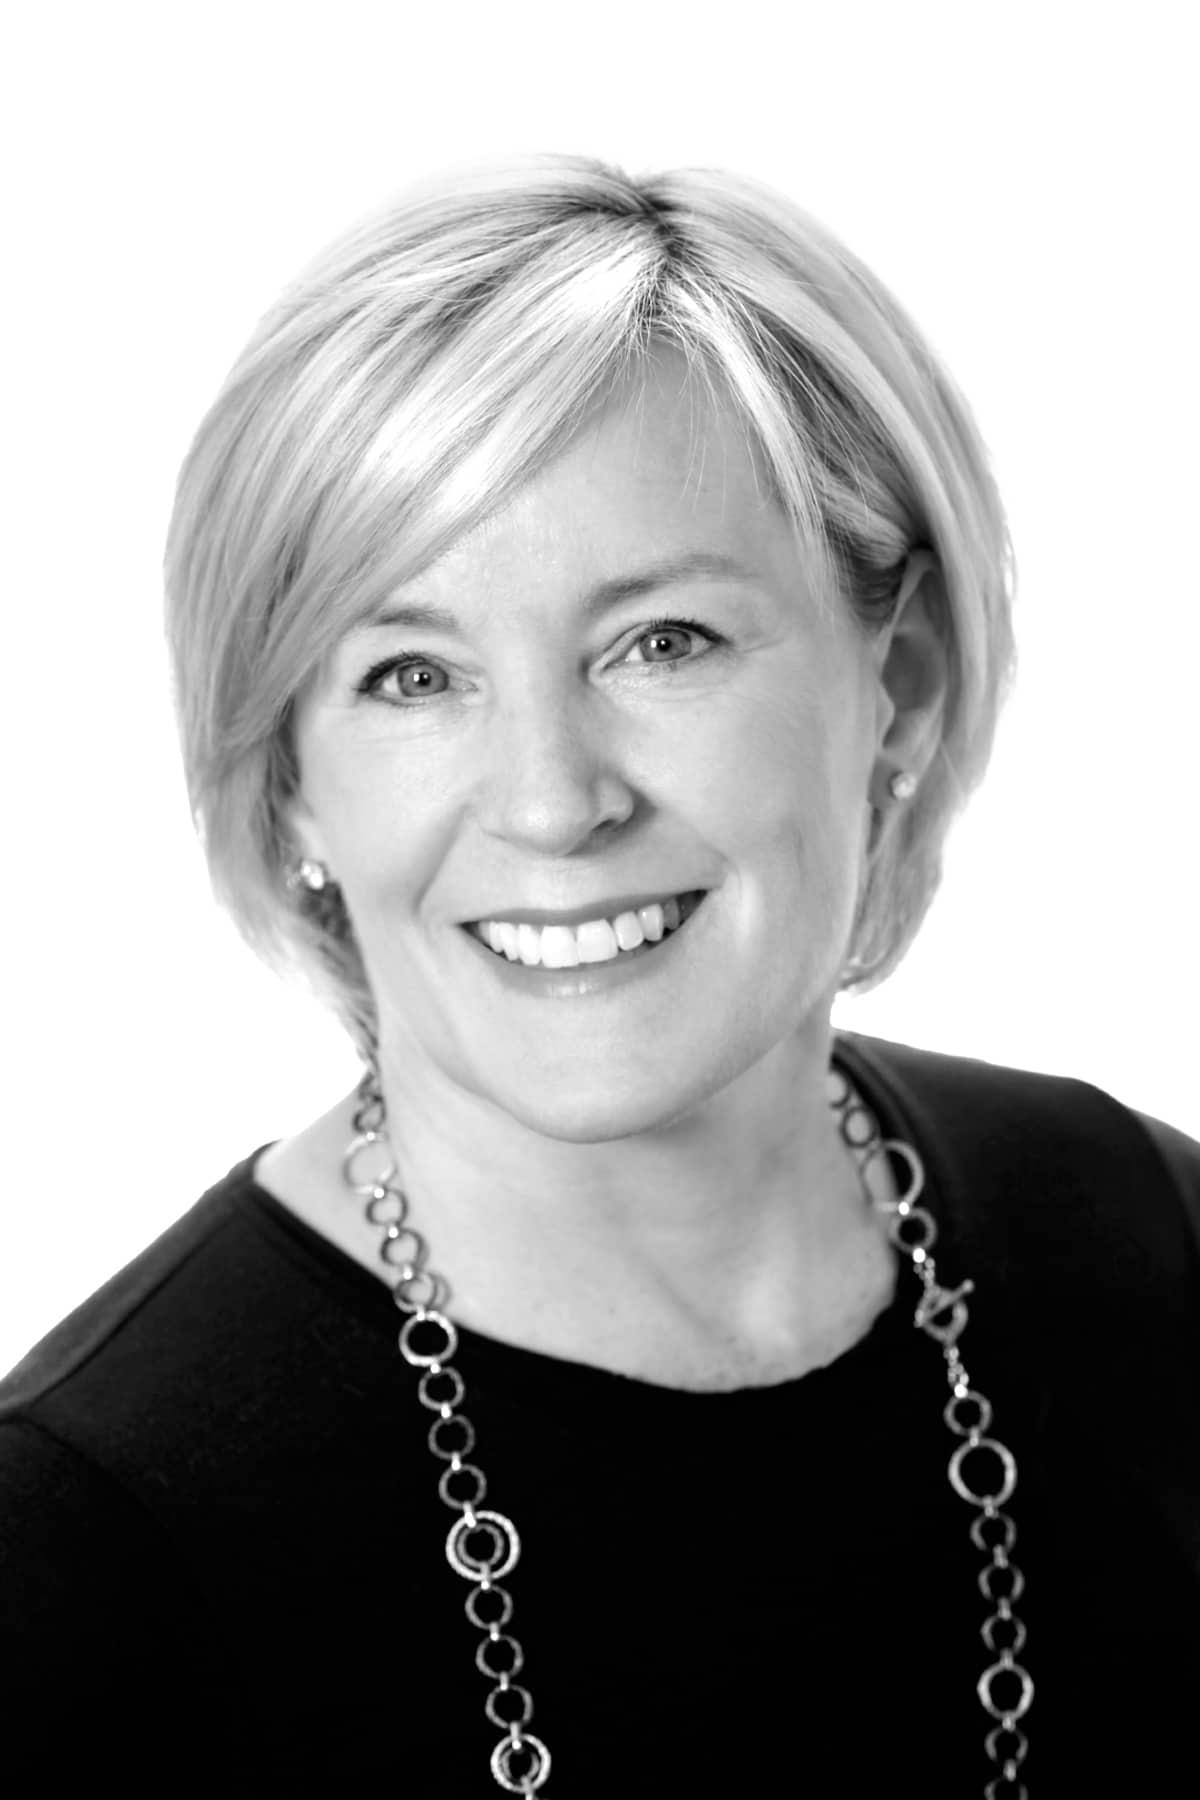 Leslie Singleton